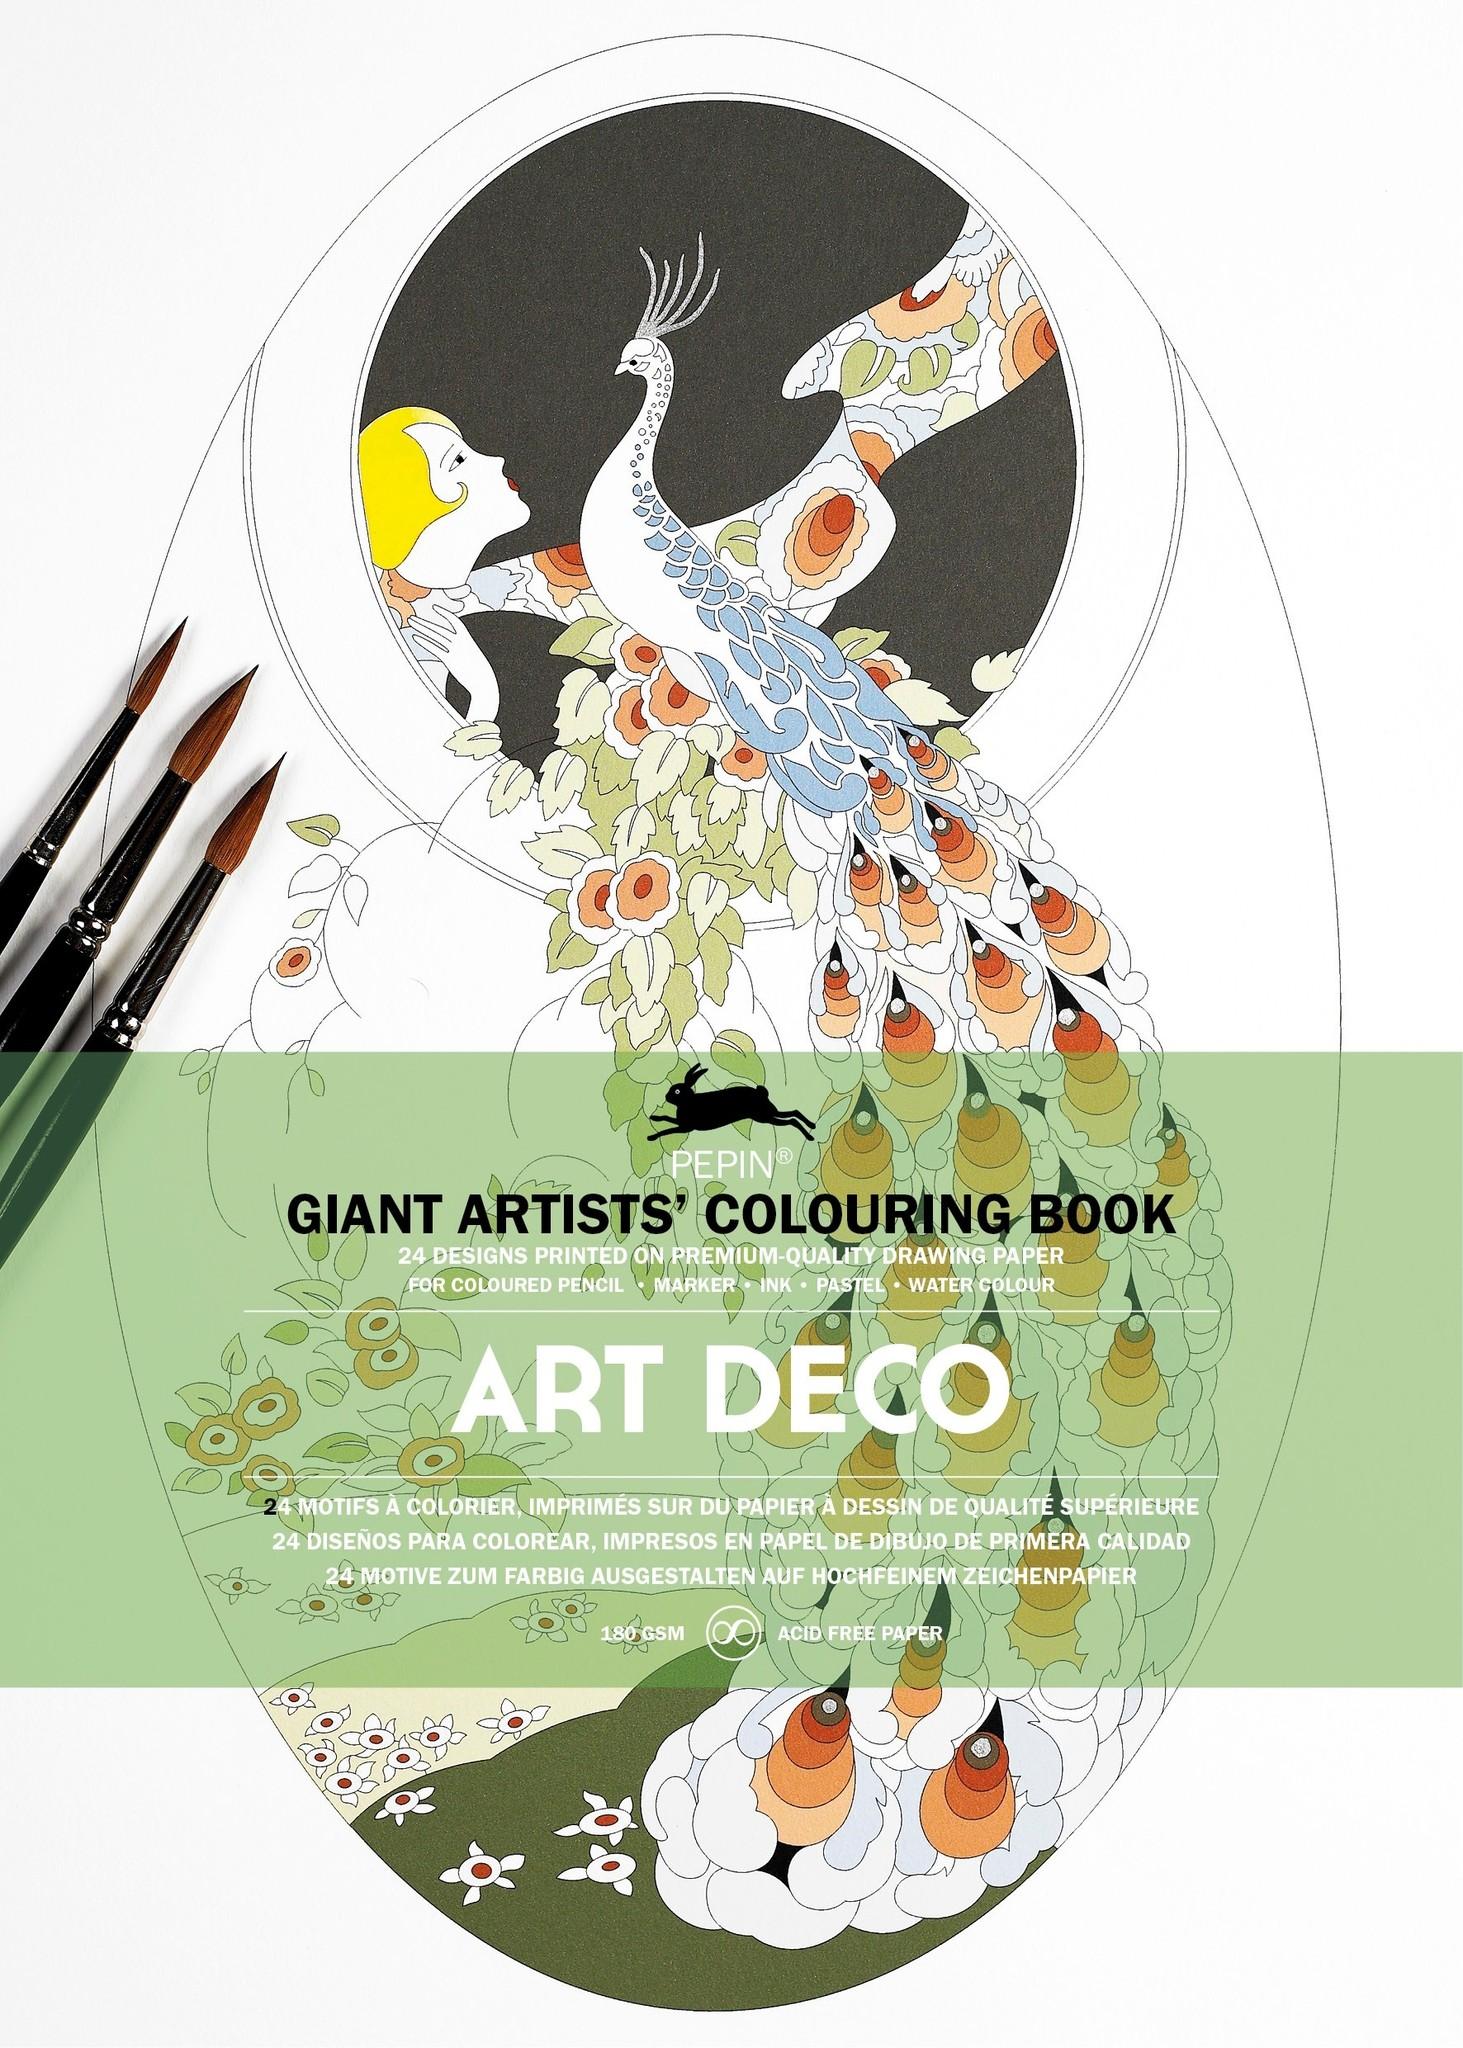 kleurboek - Art deco